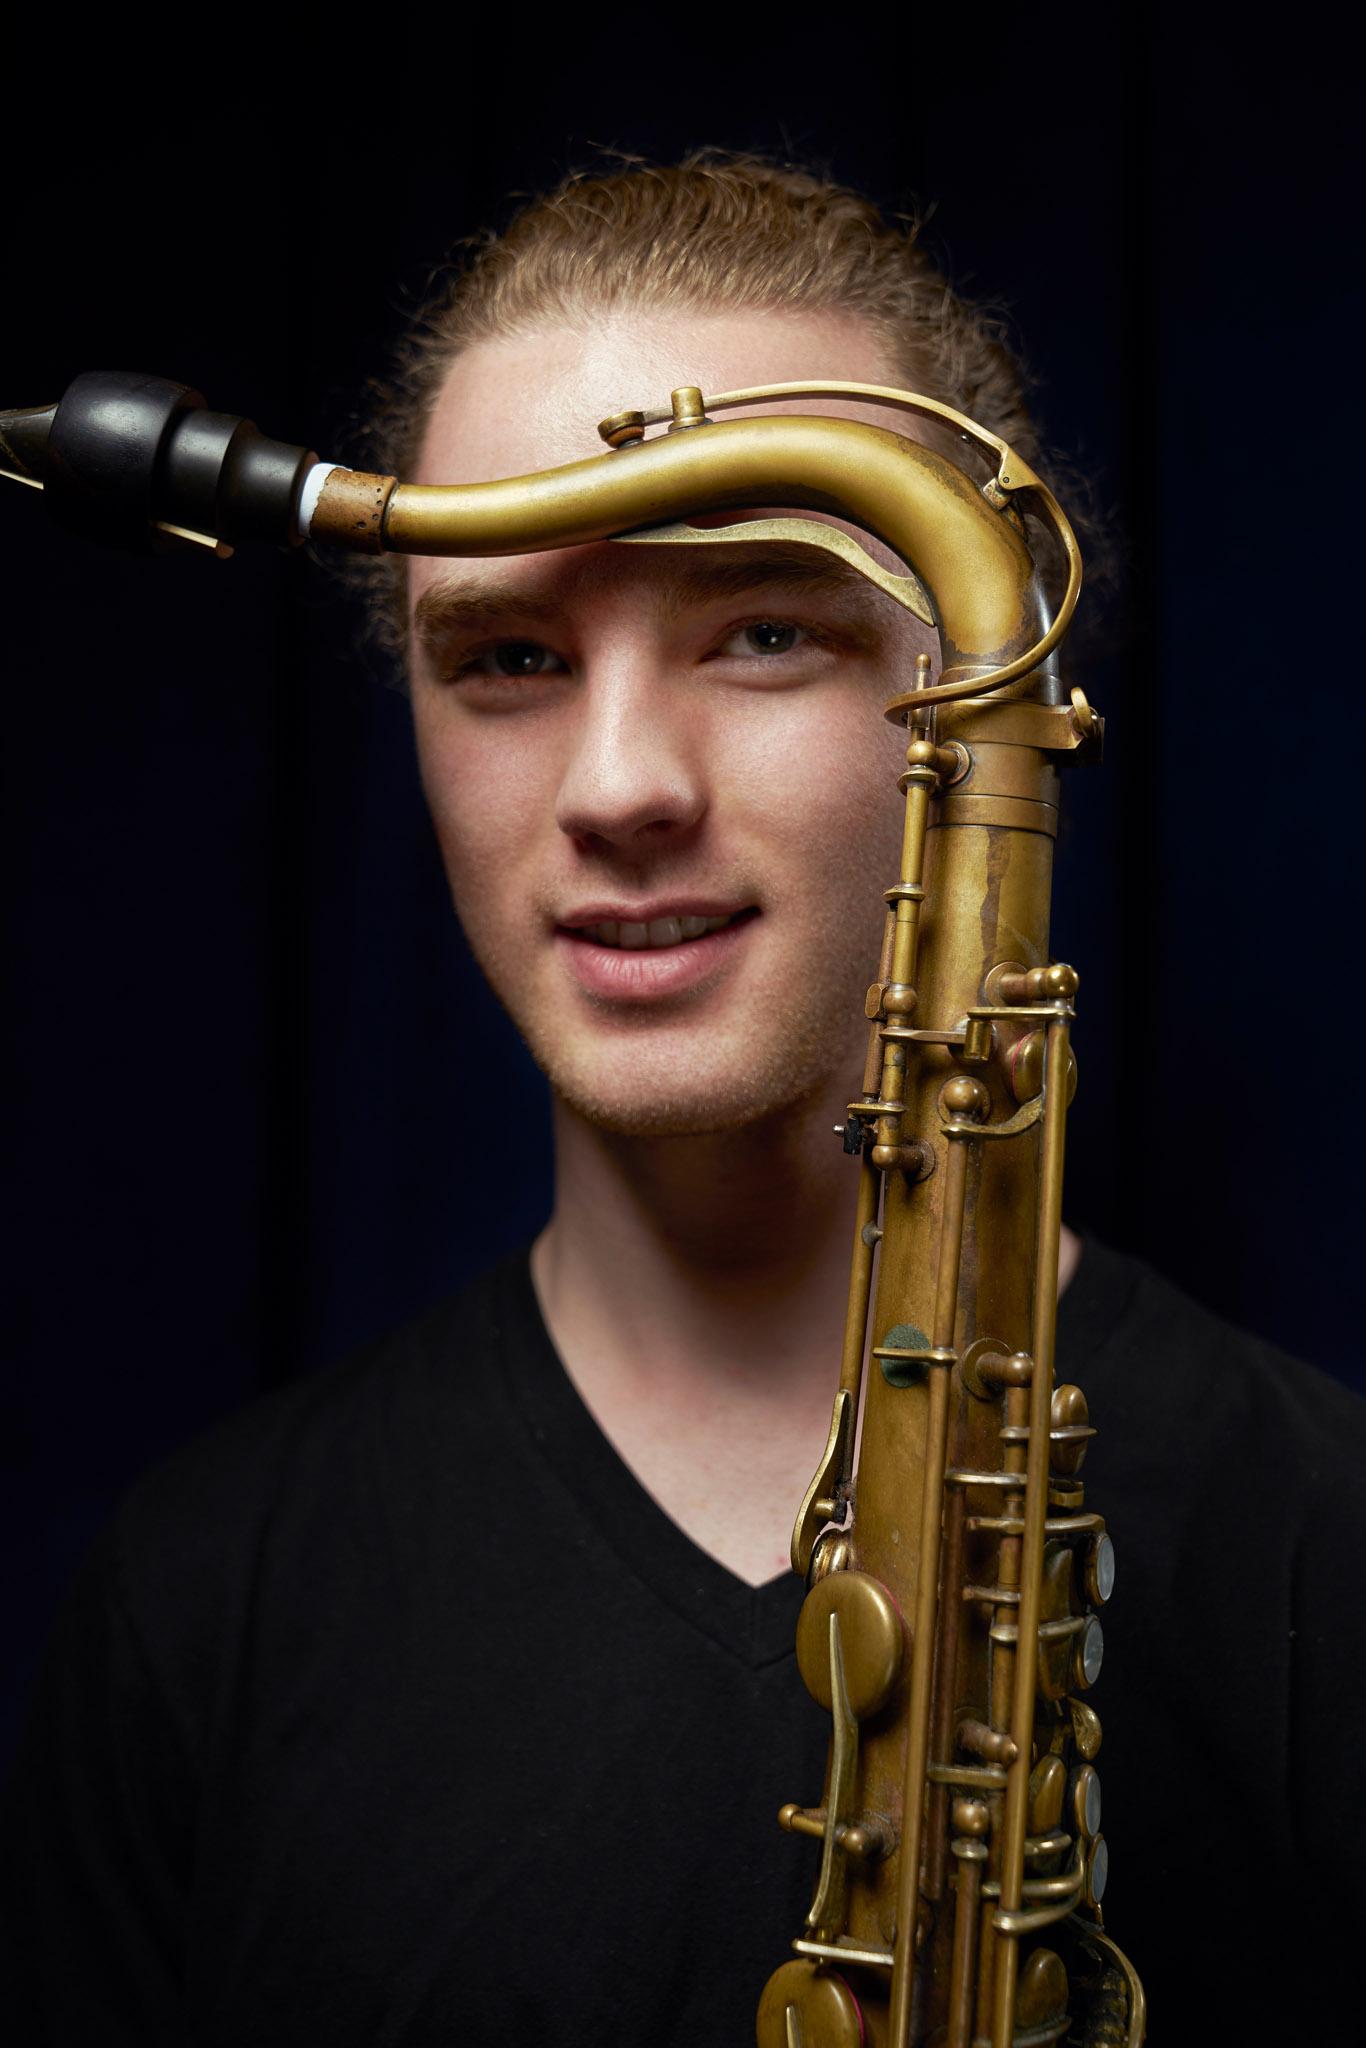 Peyton Pleninger Meridian sax.jpg